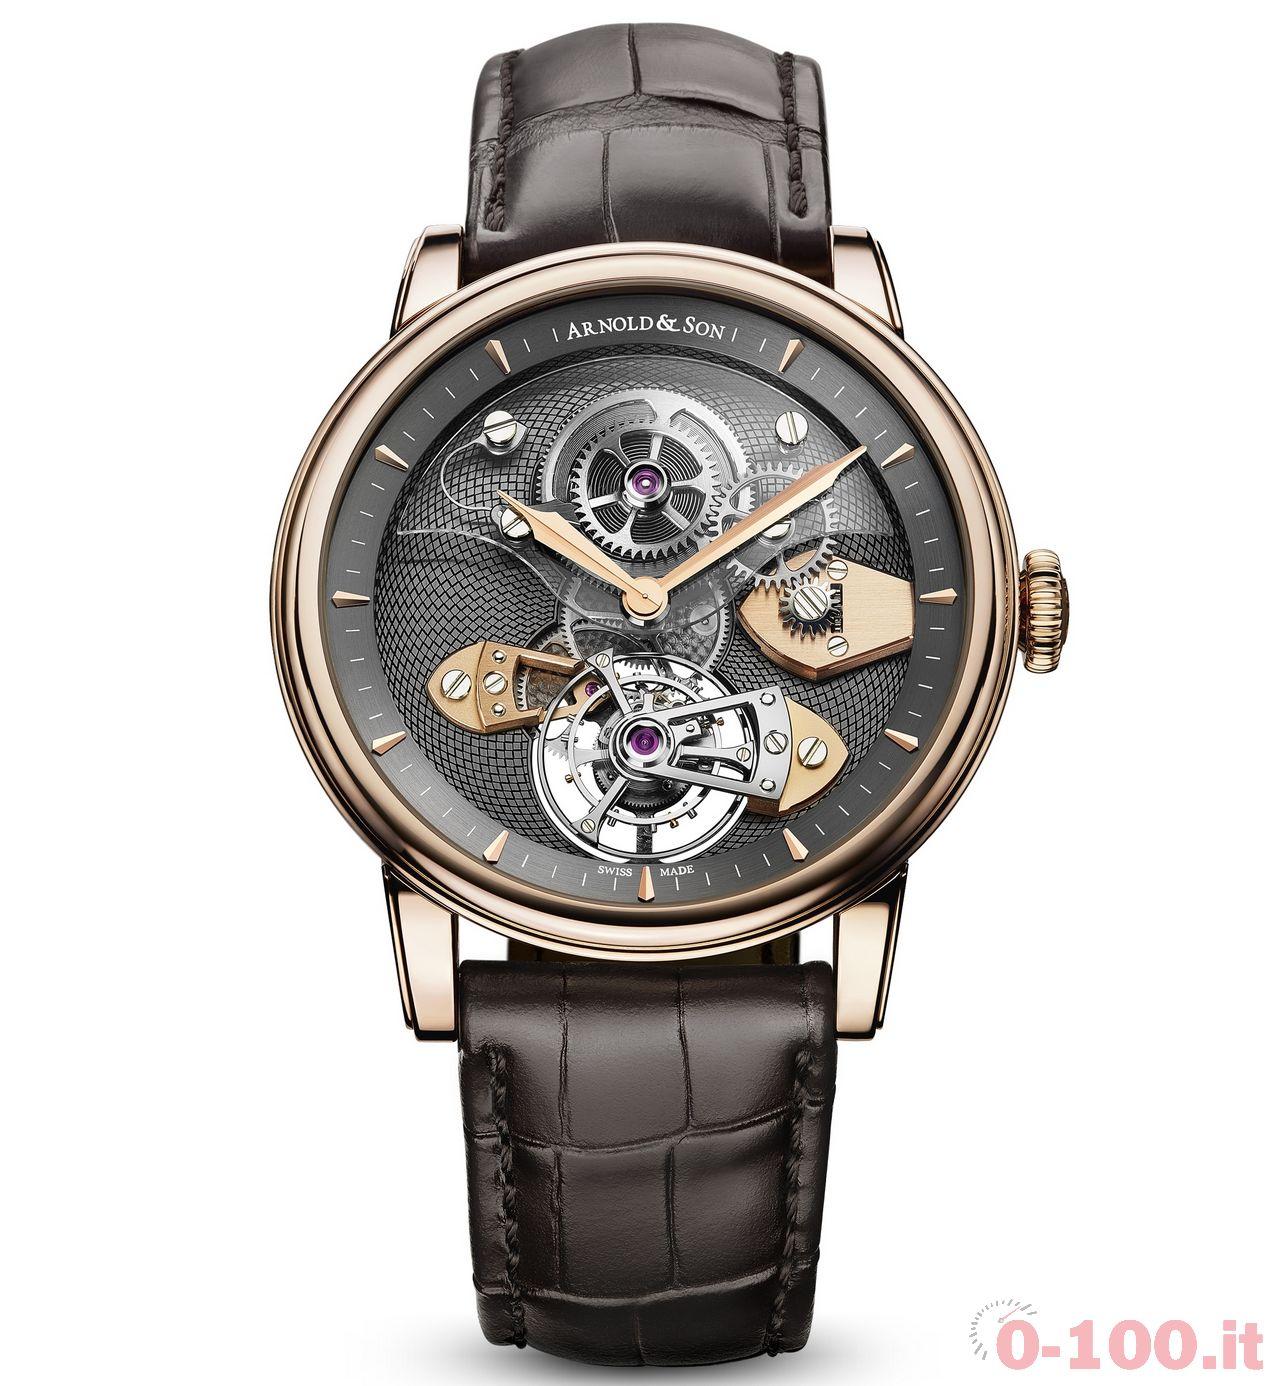 arnold-son-tes-tourbillon-ref-1sjar-v01a-c112a-royal-collection-prezzo-price_0-1001